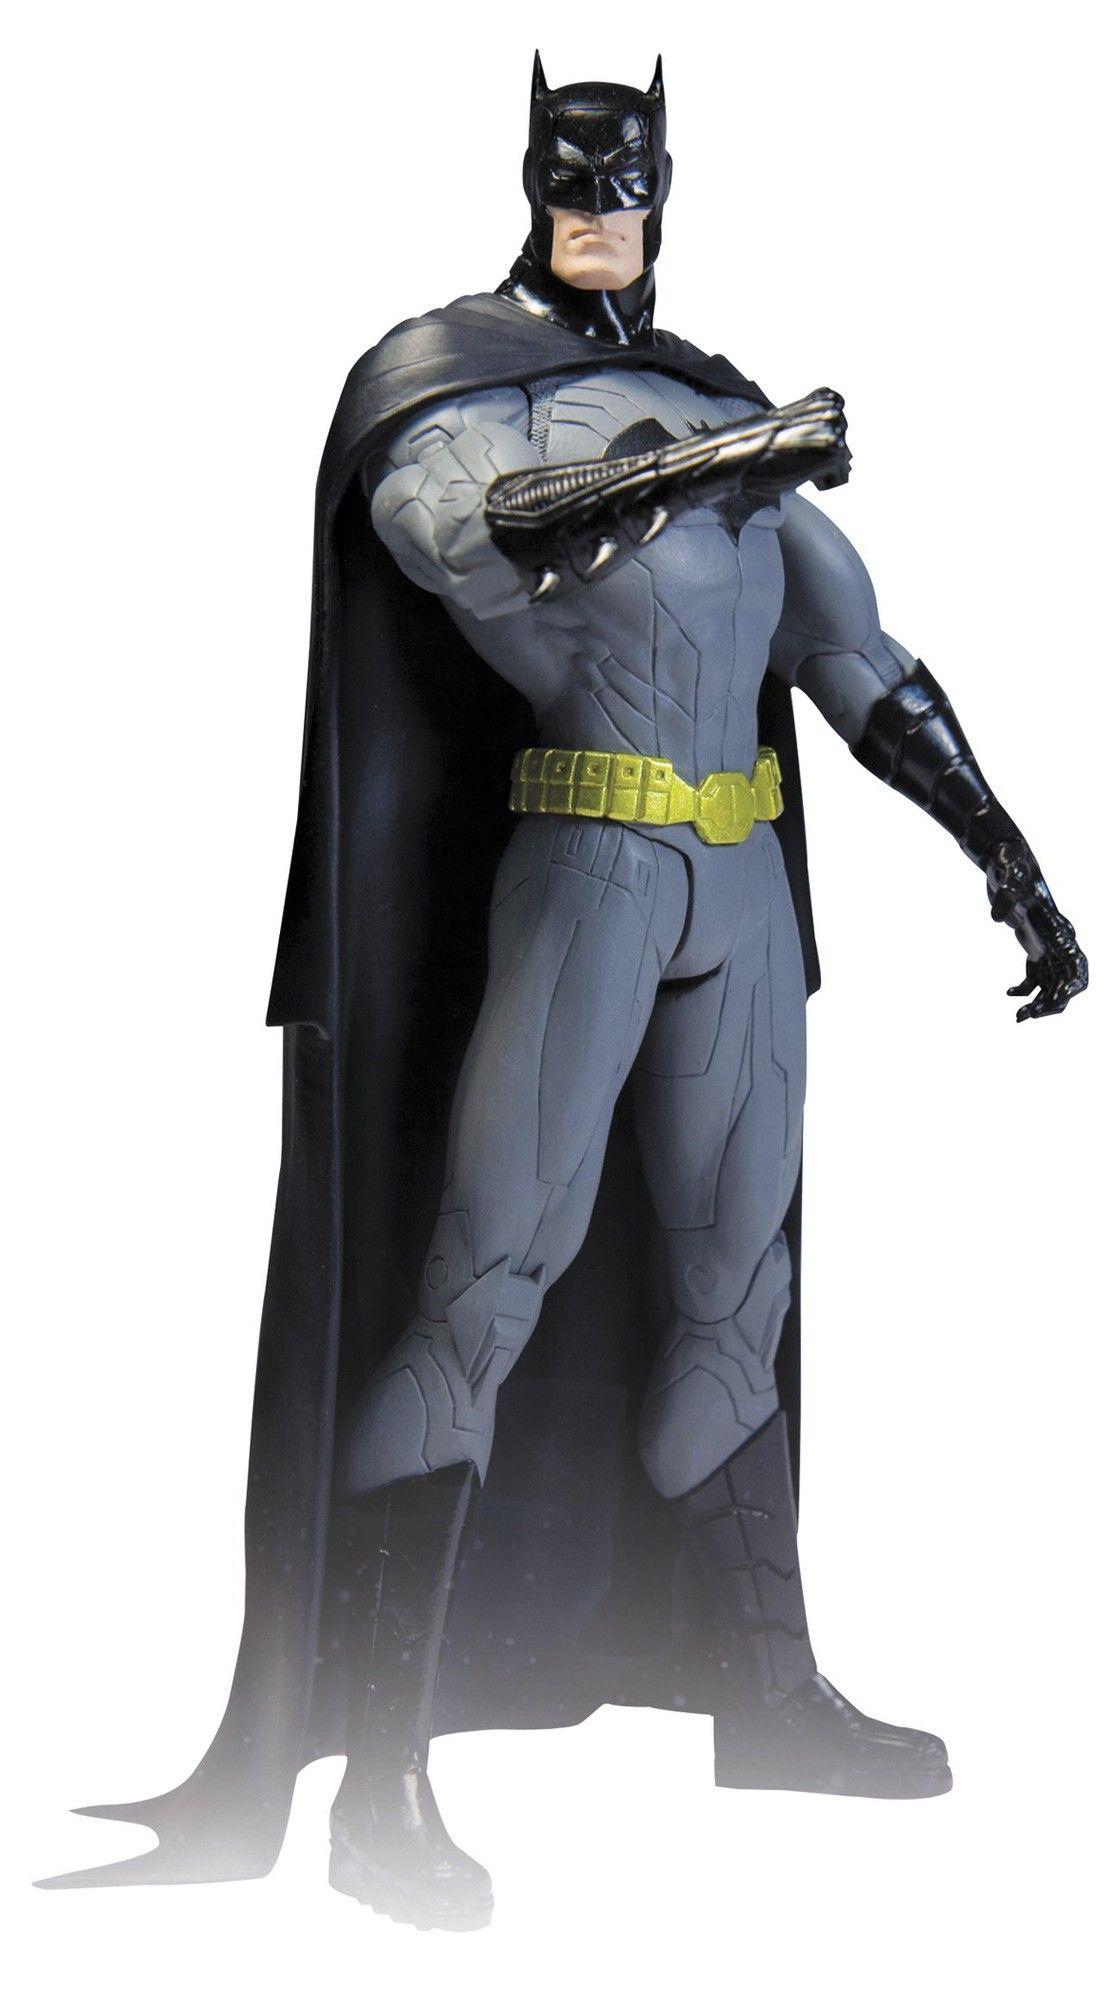 DC Direct Justice League -  Batman Actsblion Figure